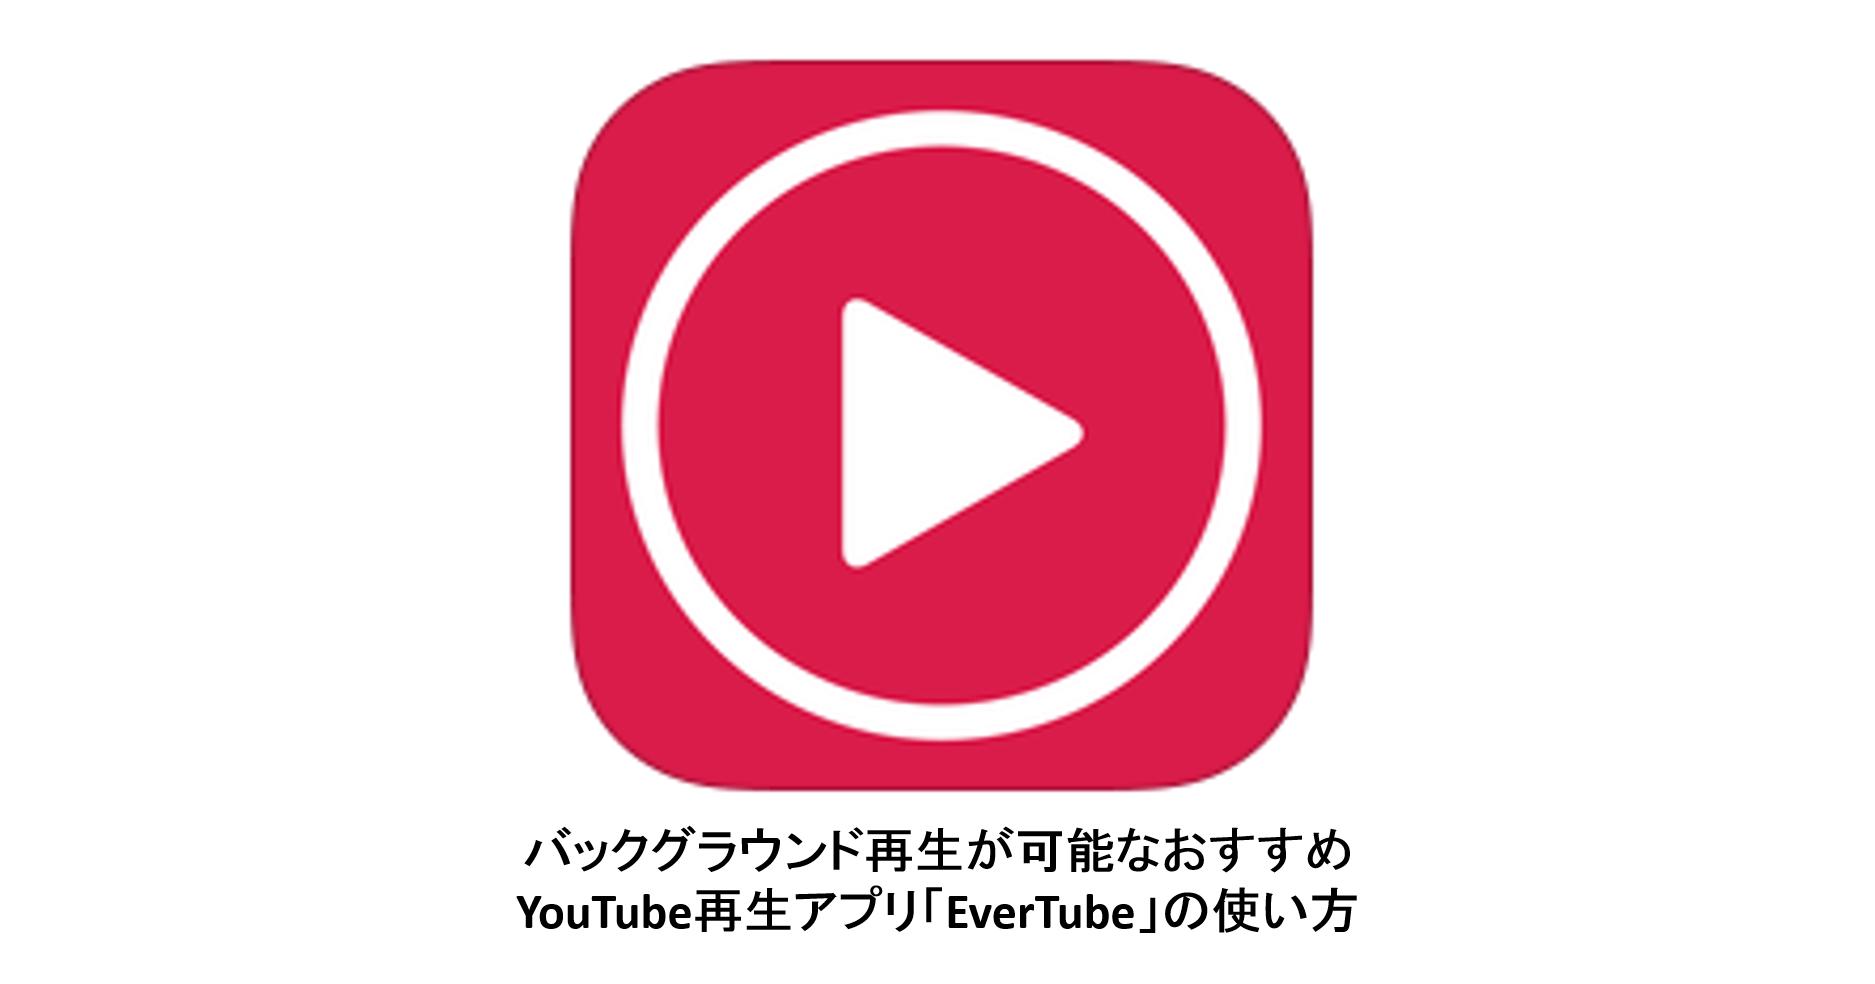 再生 グラウンド Youtube バック Google、Android版YouTubeでバックグラウンド再生機能とオフライン再生機能を提供開始(更新)